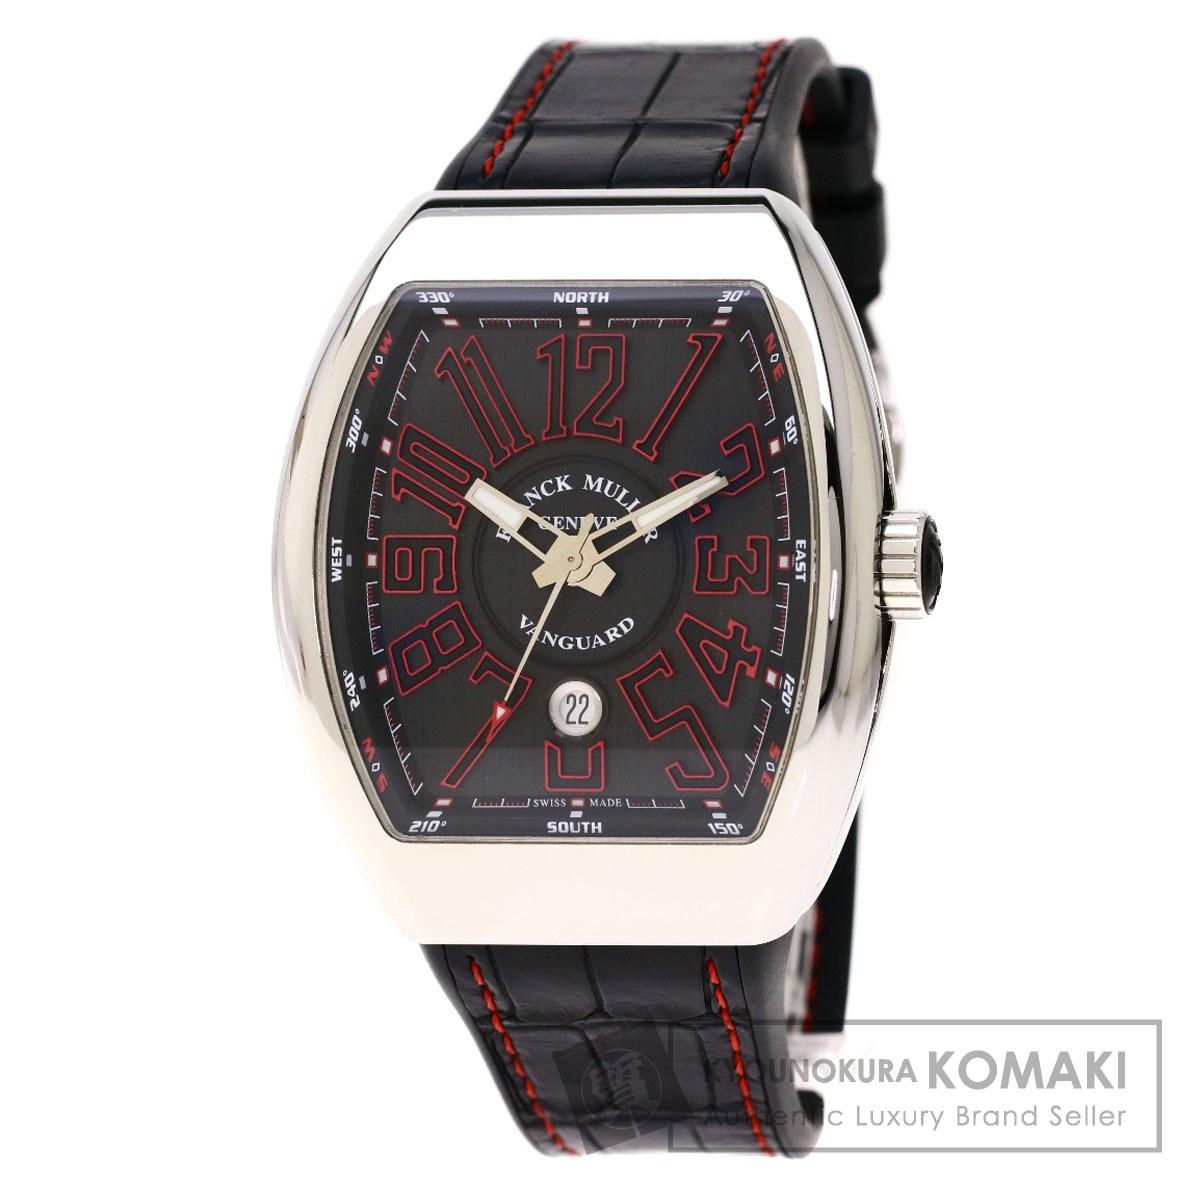 フランクミュラー V45SCDTJ ヴァンガード  腕時計 ステンレススチール/ラバーx革 メンズ 【中古】【FRANCK MULLER】